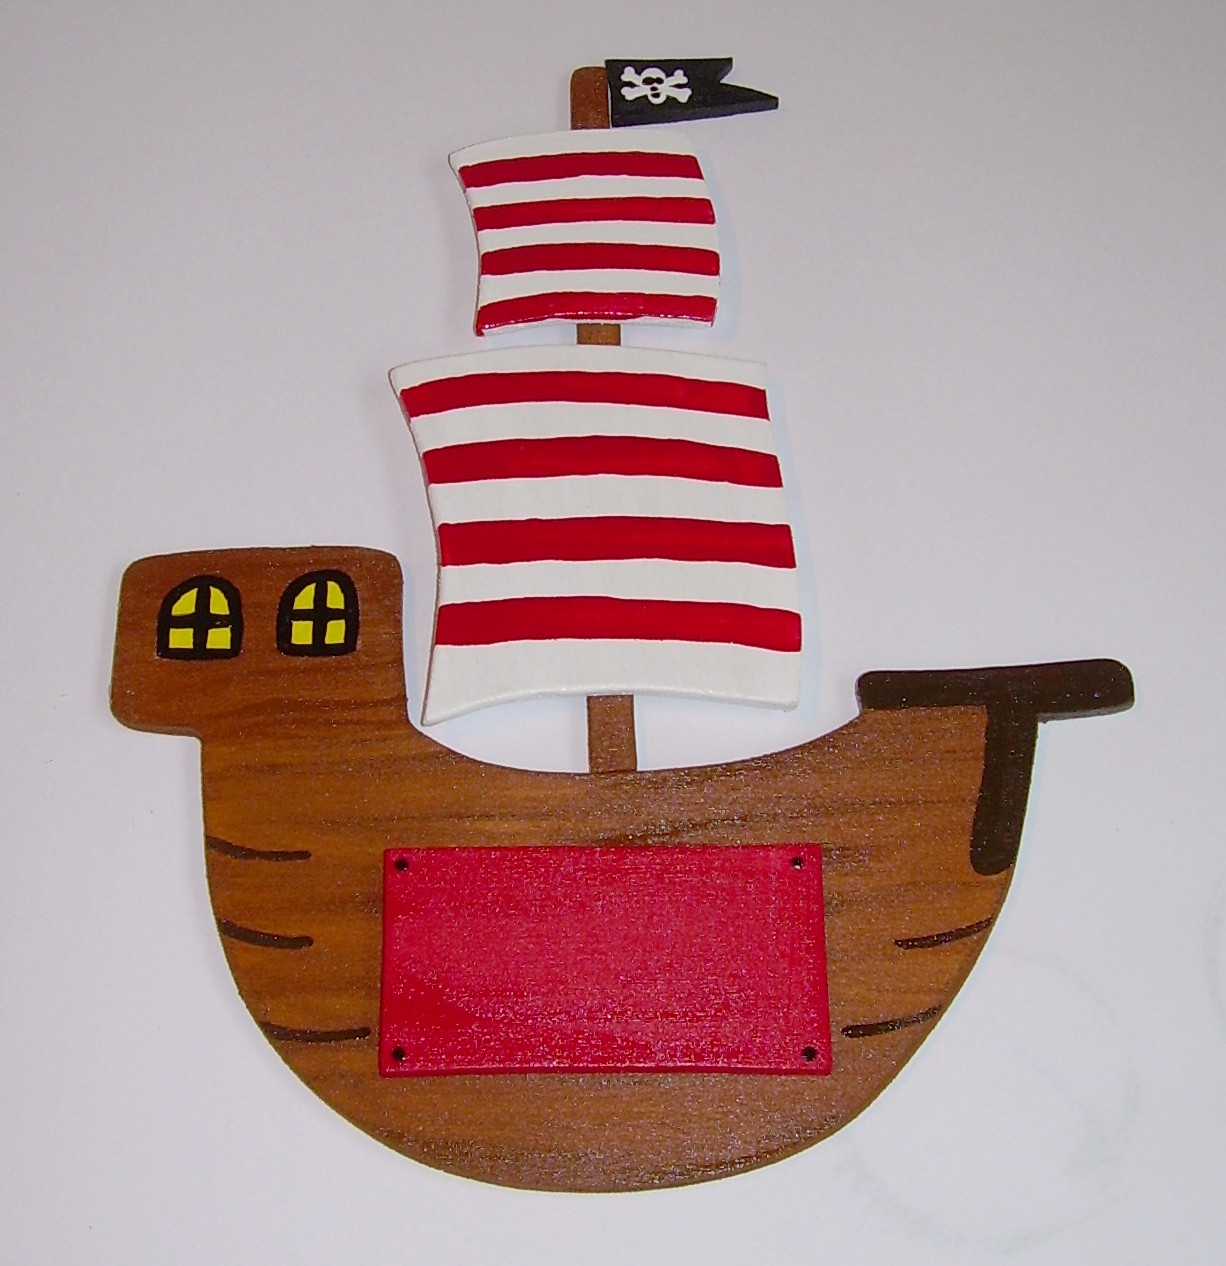 T rschild piratenschiff originelle deko geschenke for Originelle zimmer deko